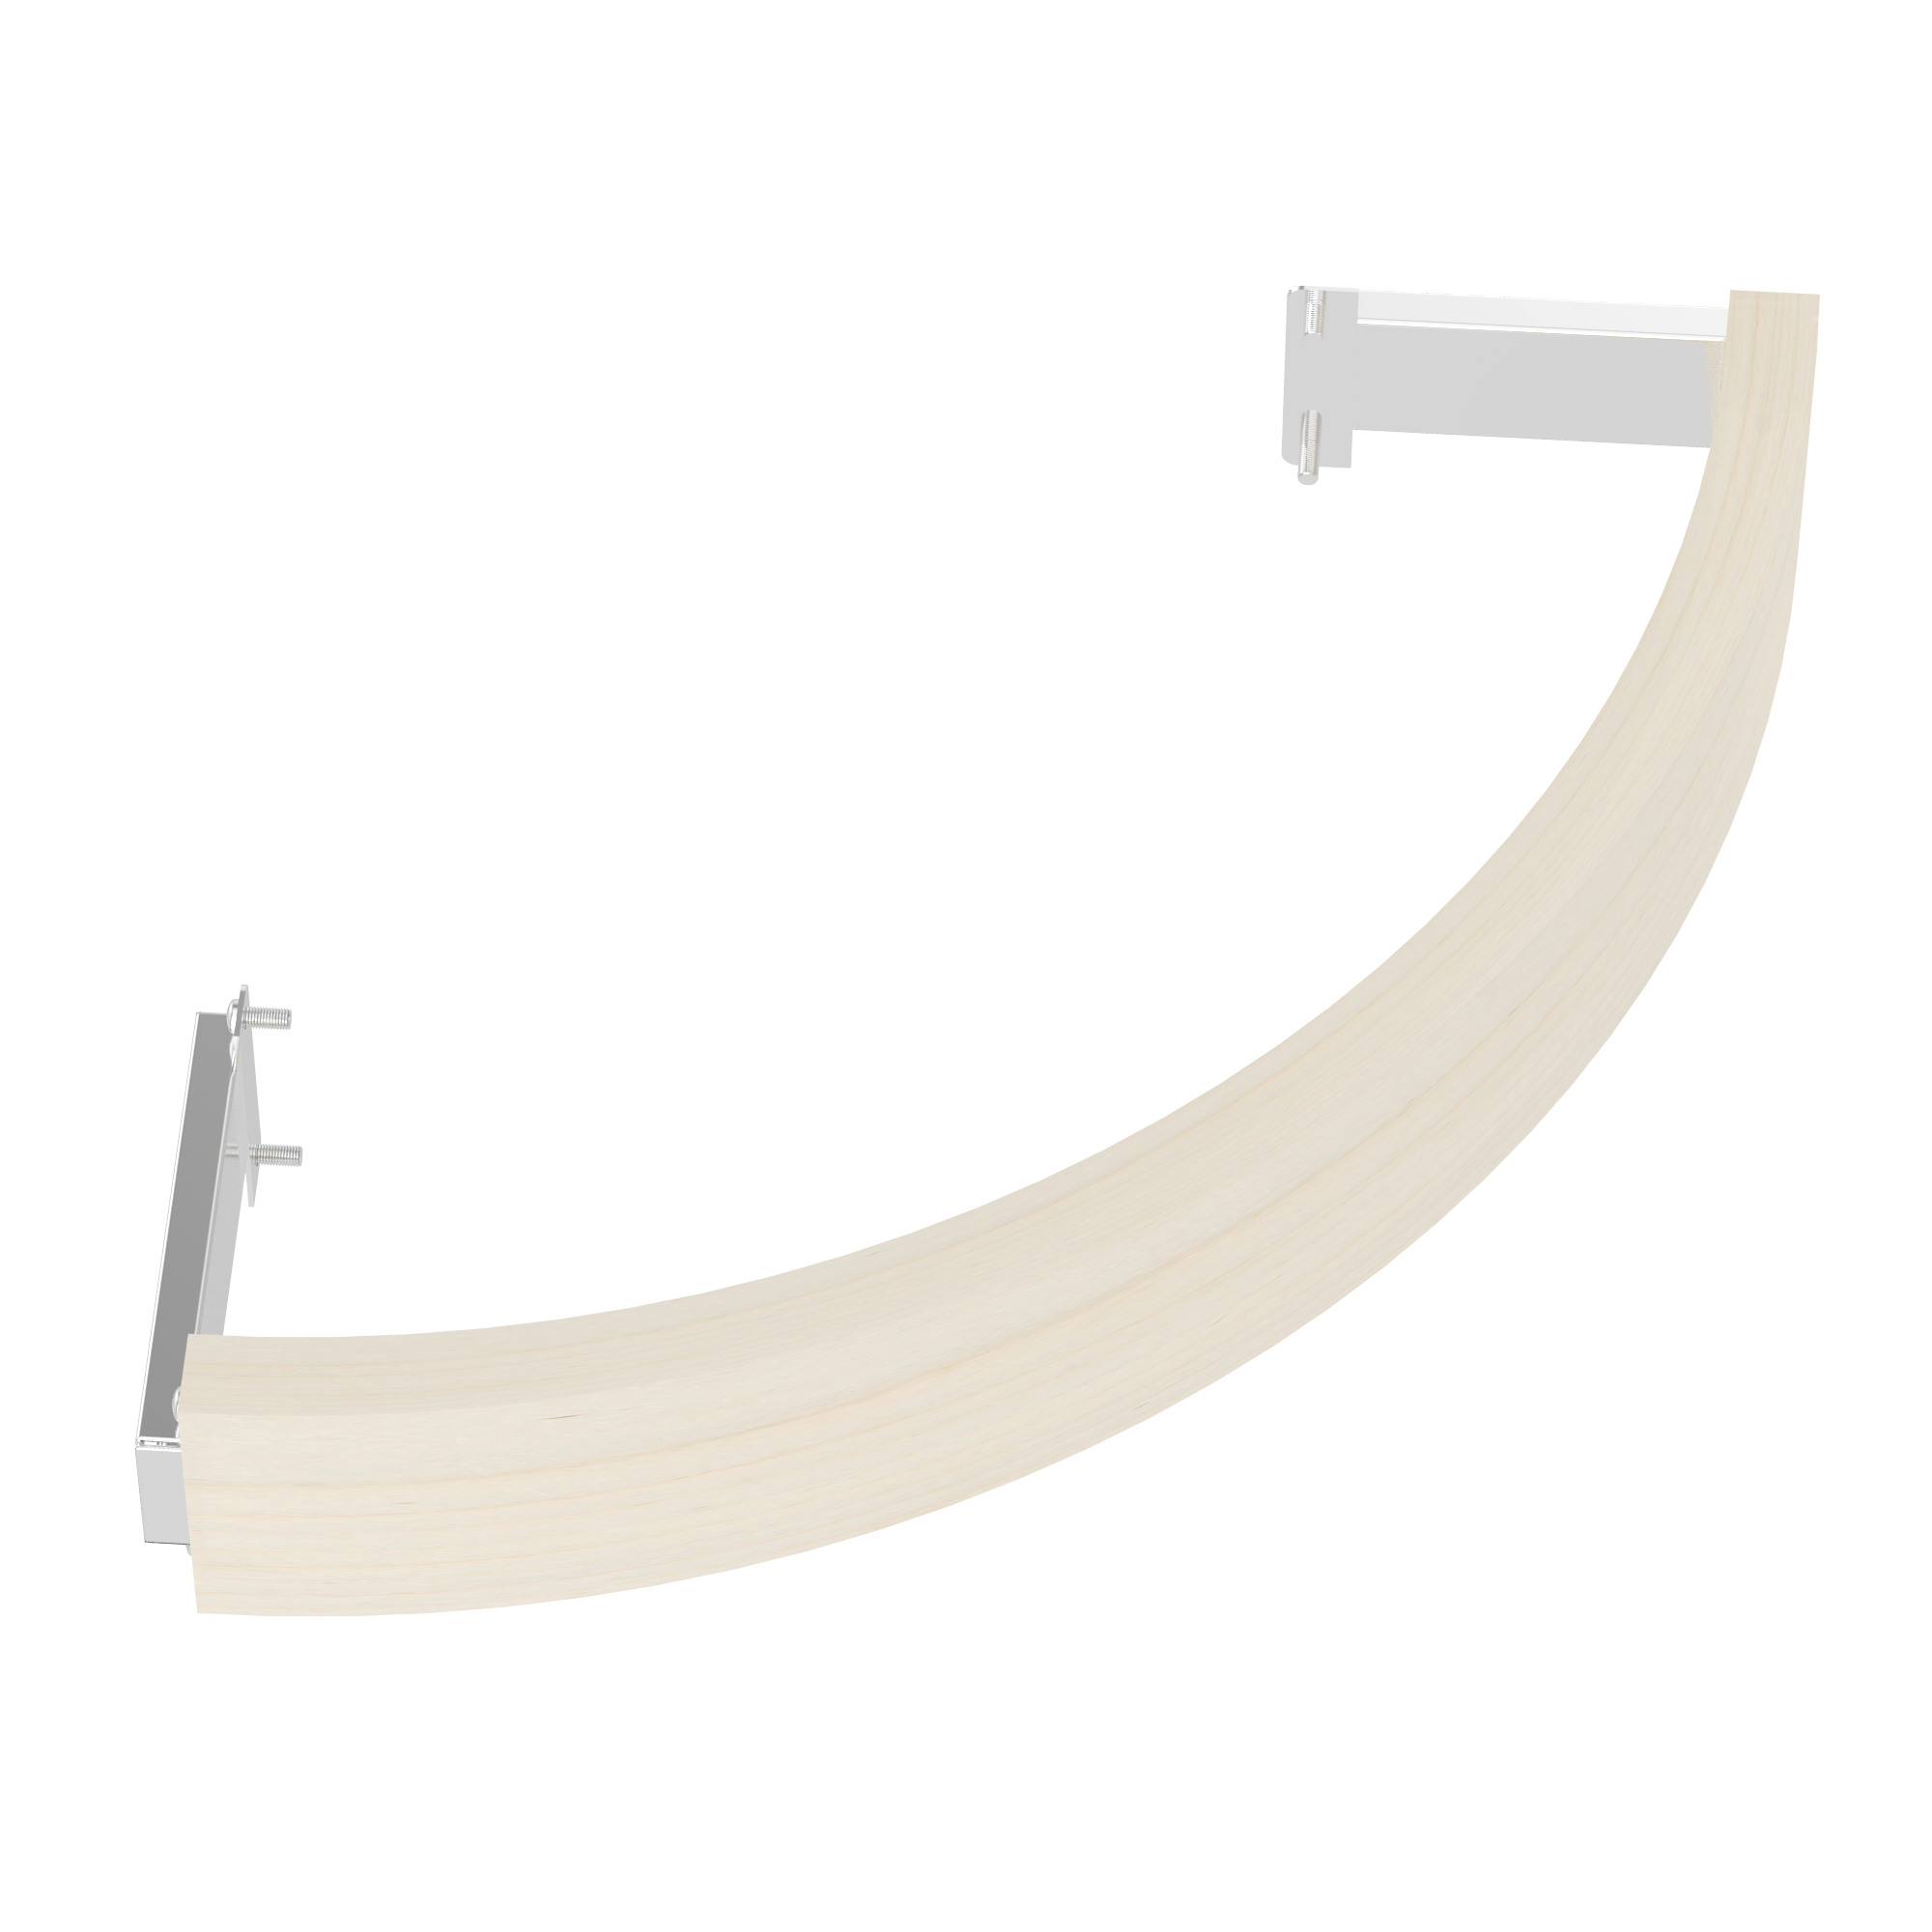 Фото - Ограждения и коврики: Деревянное ограждение SAWO TH-GUARD-W2-CNR-A для печи угловой установки TOWER TH2 и TH3 (осина) ограждения и коврики коврик деревянный на пол sawo 595 d cnr угловой